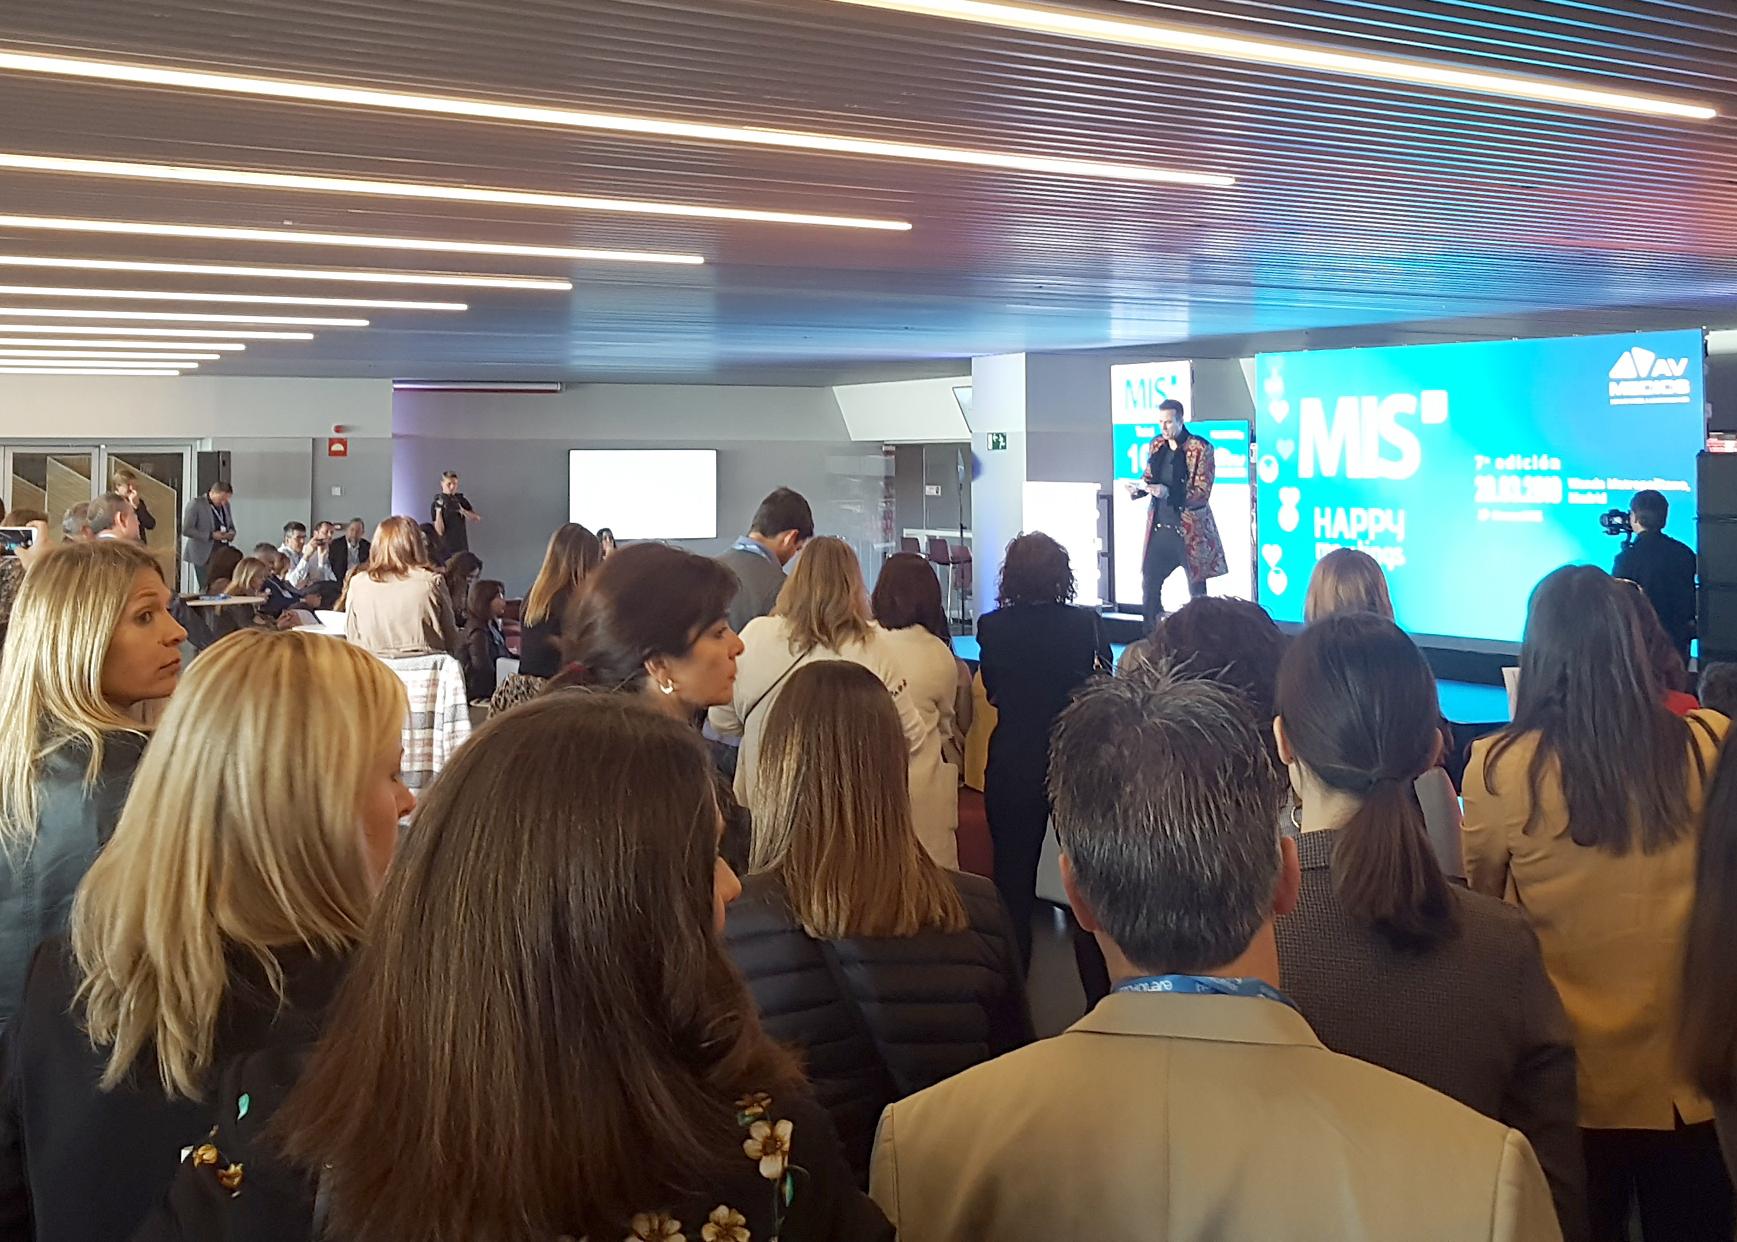 Roses presenta Ciutadella, Castell de la Trinitat i Palau de Congressos en el Meetings Incentive Summit de Madrid